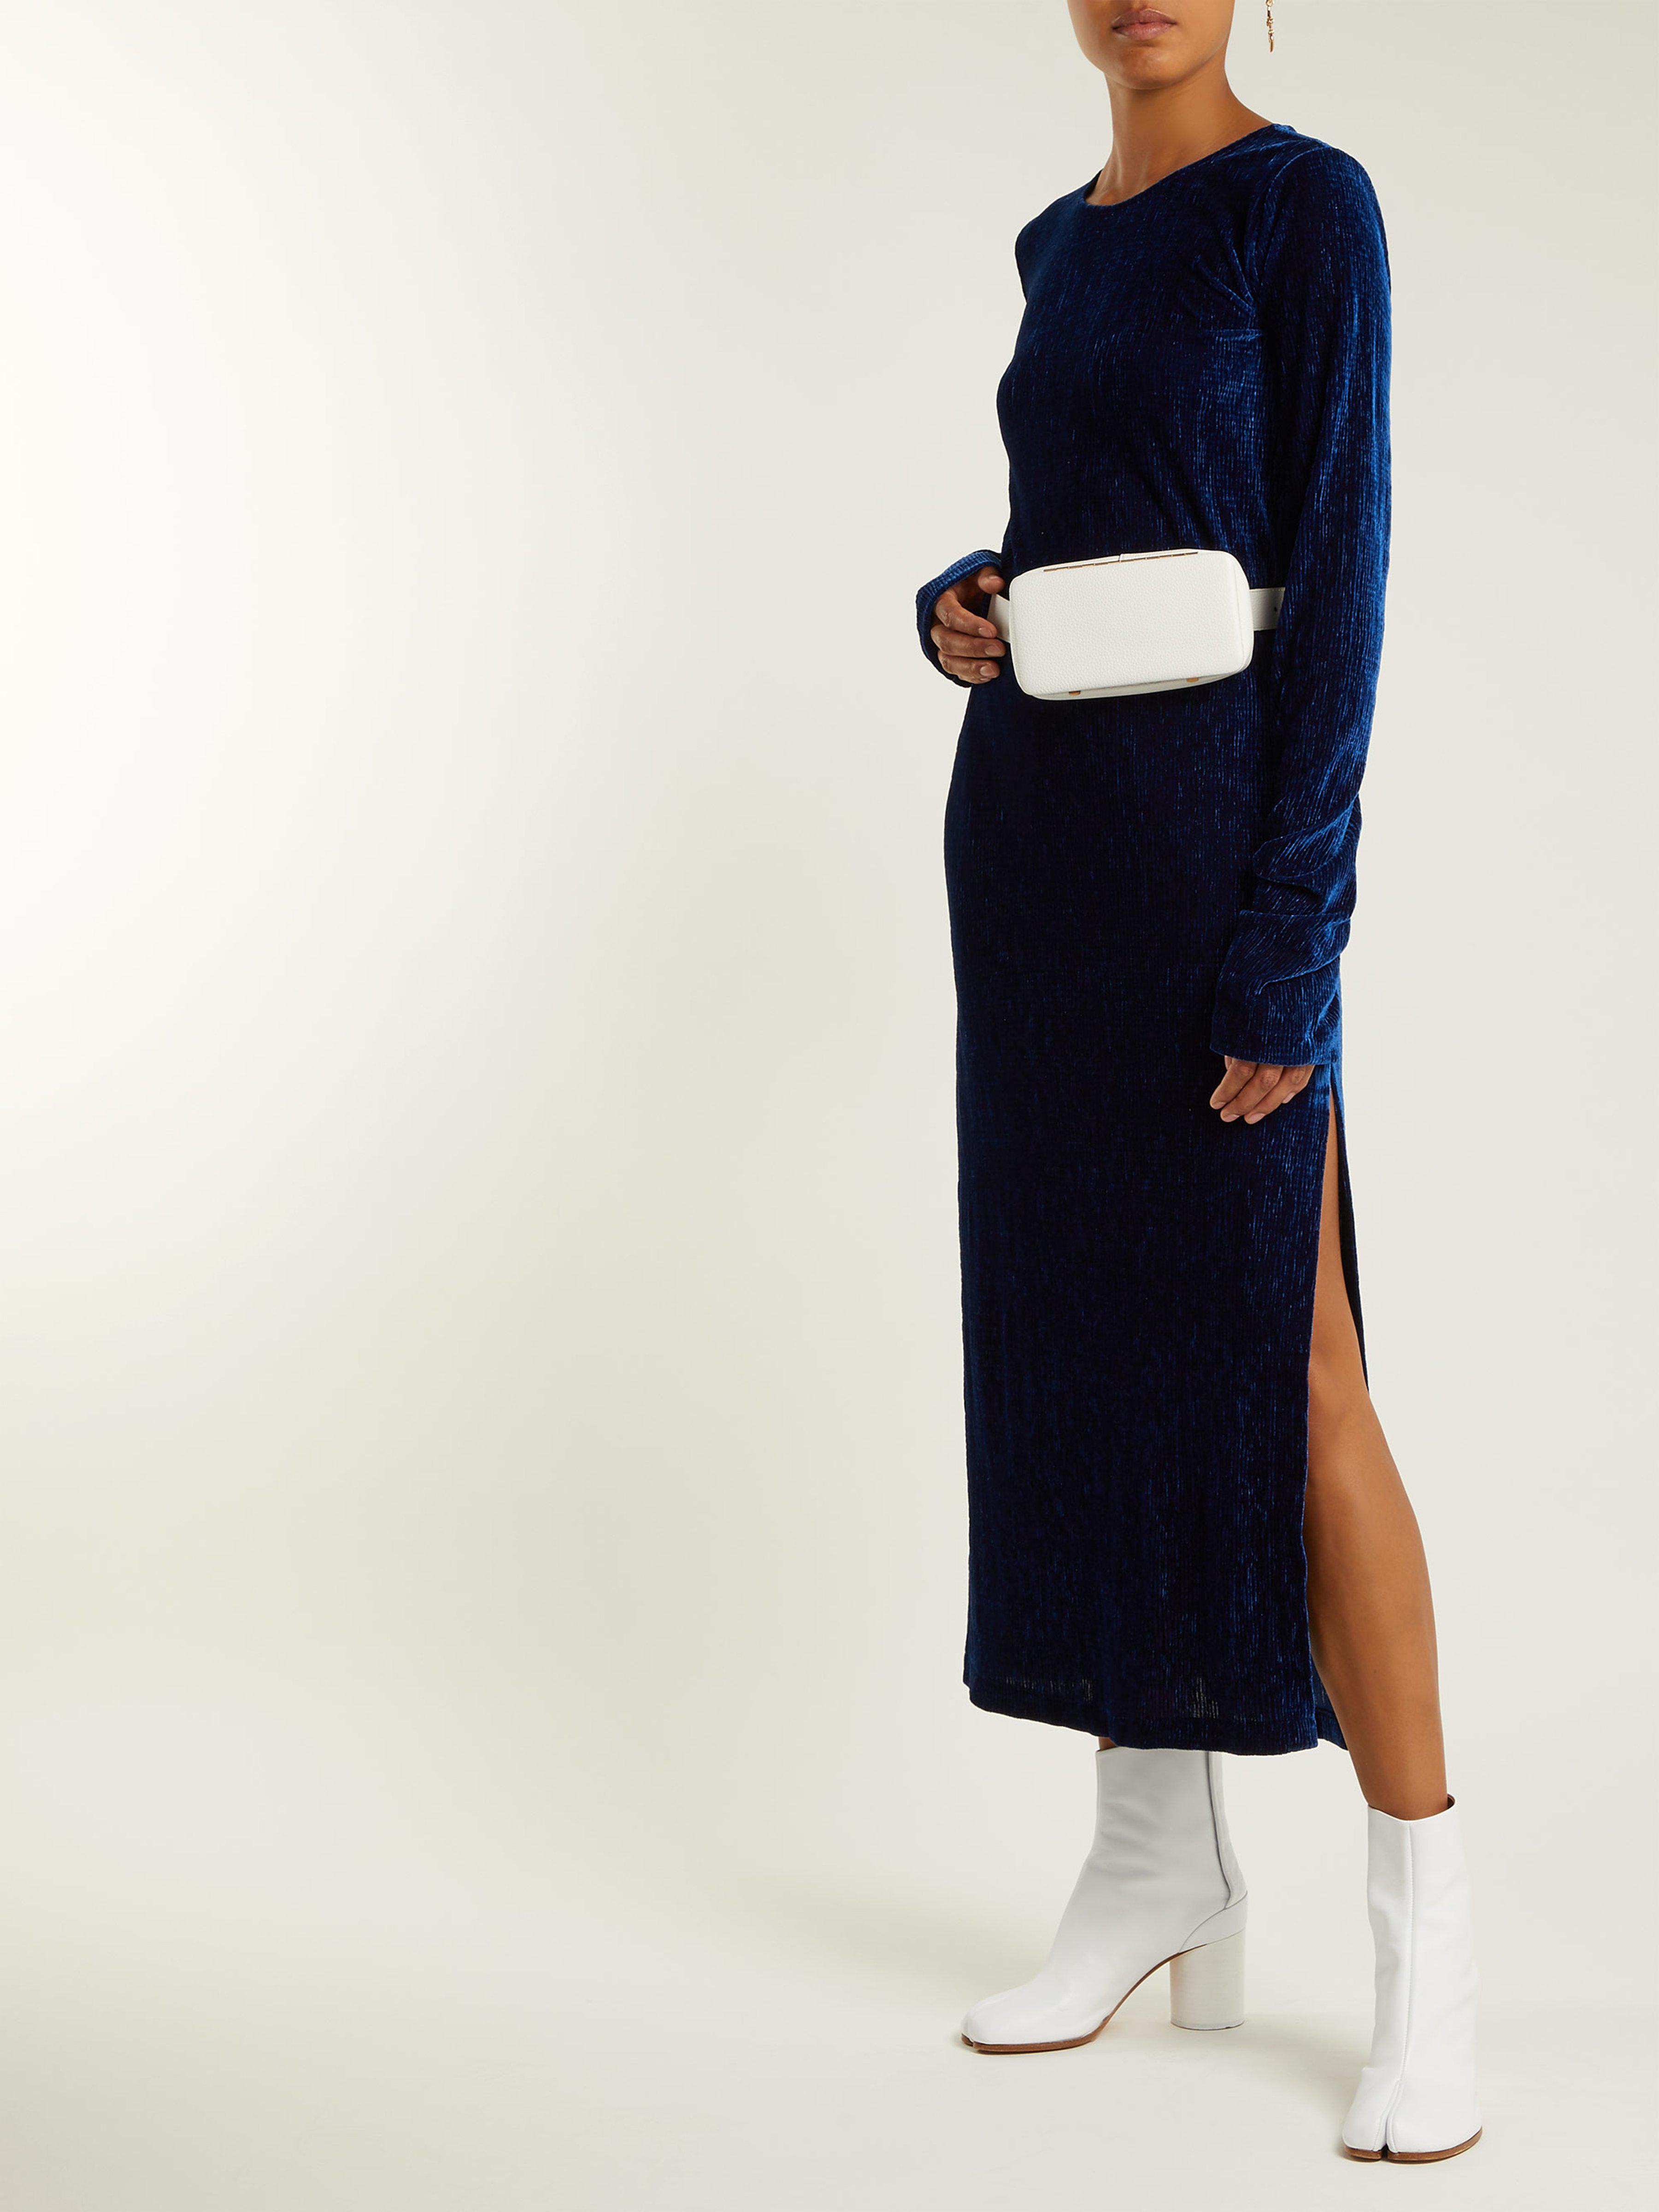 9a09383ad MM6 by Maison Martin Margiela Velvet Dress in Blue - Lyst